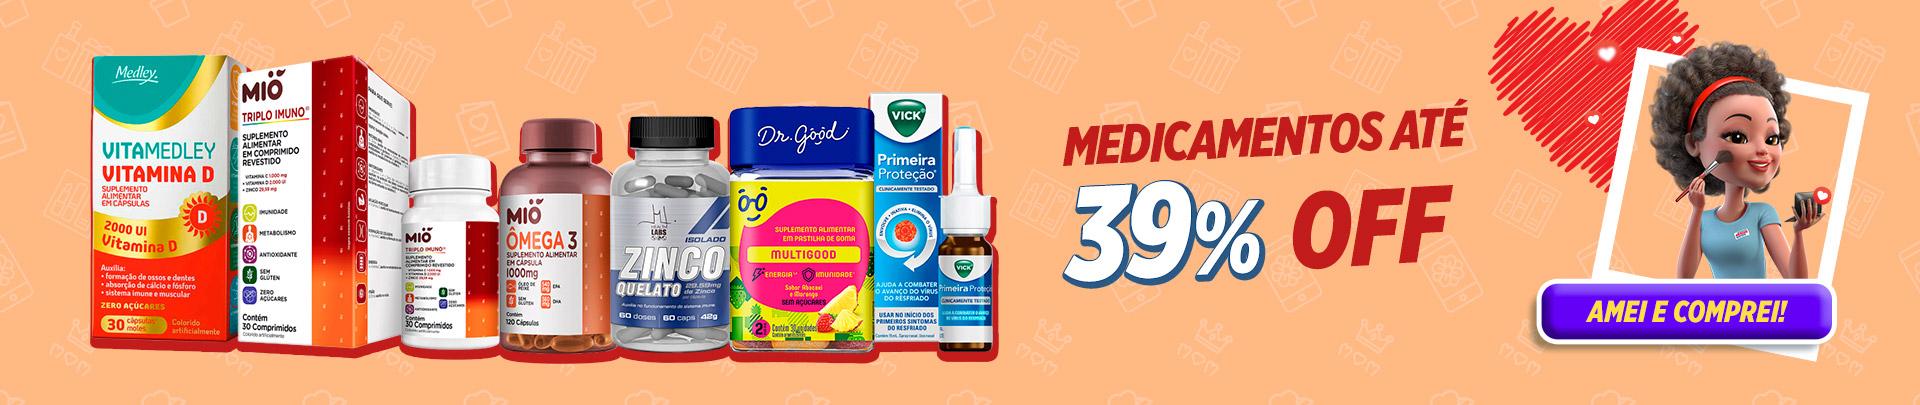 Medicamentos_Tab354